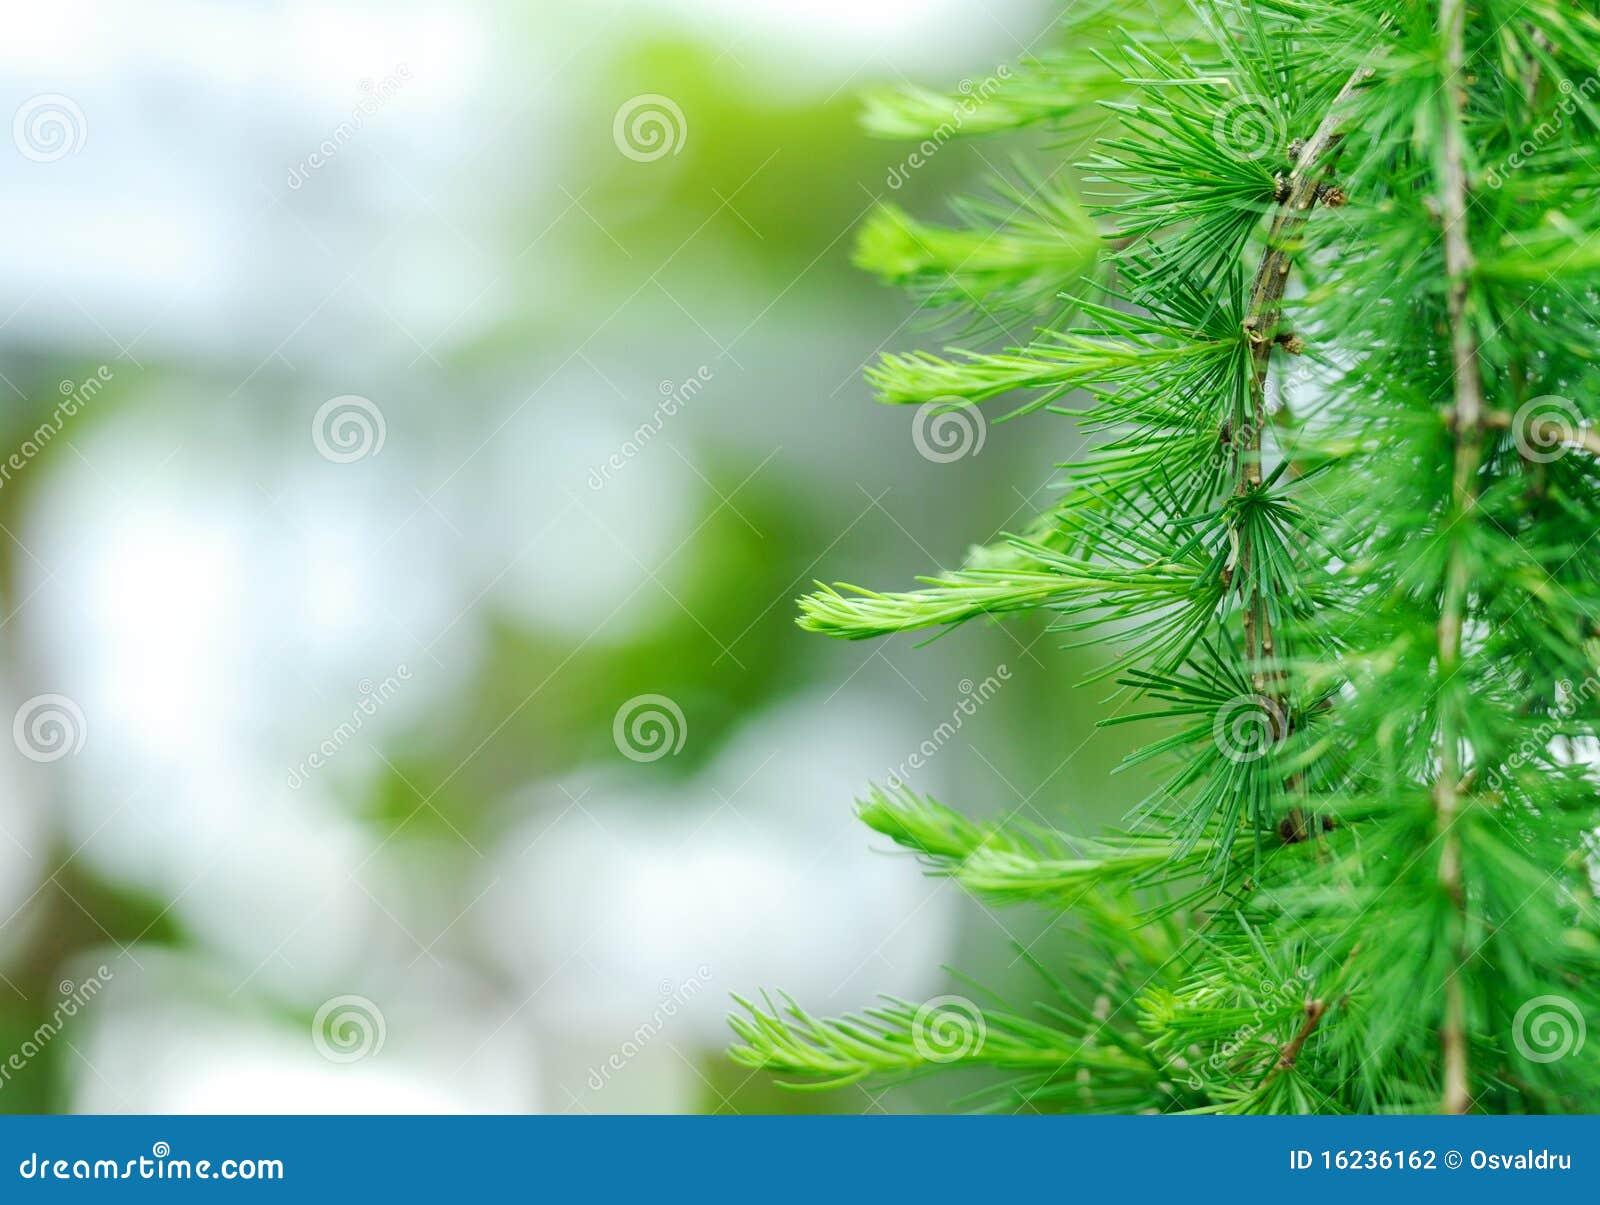 Evergreen fresco. Priorità bassa Defocused.